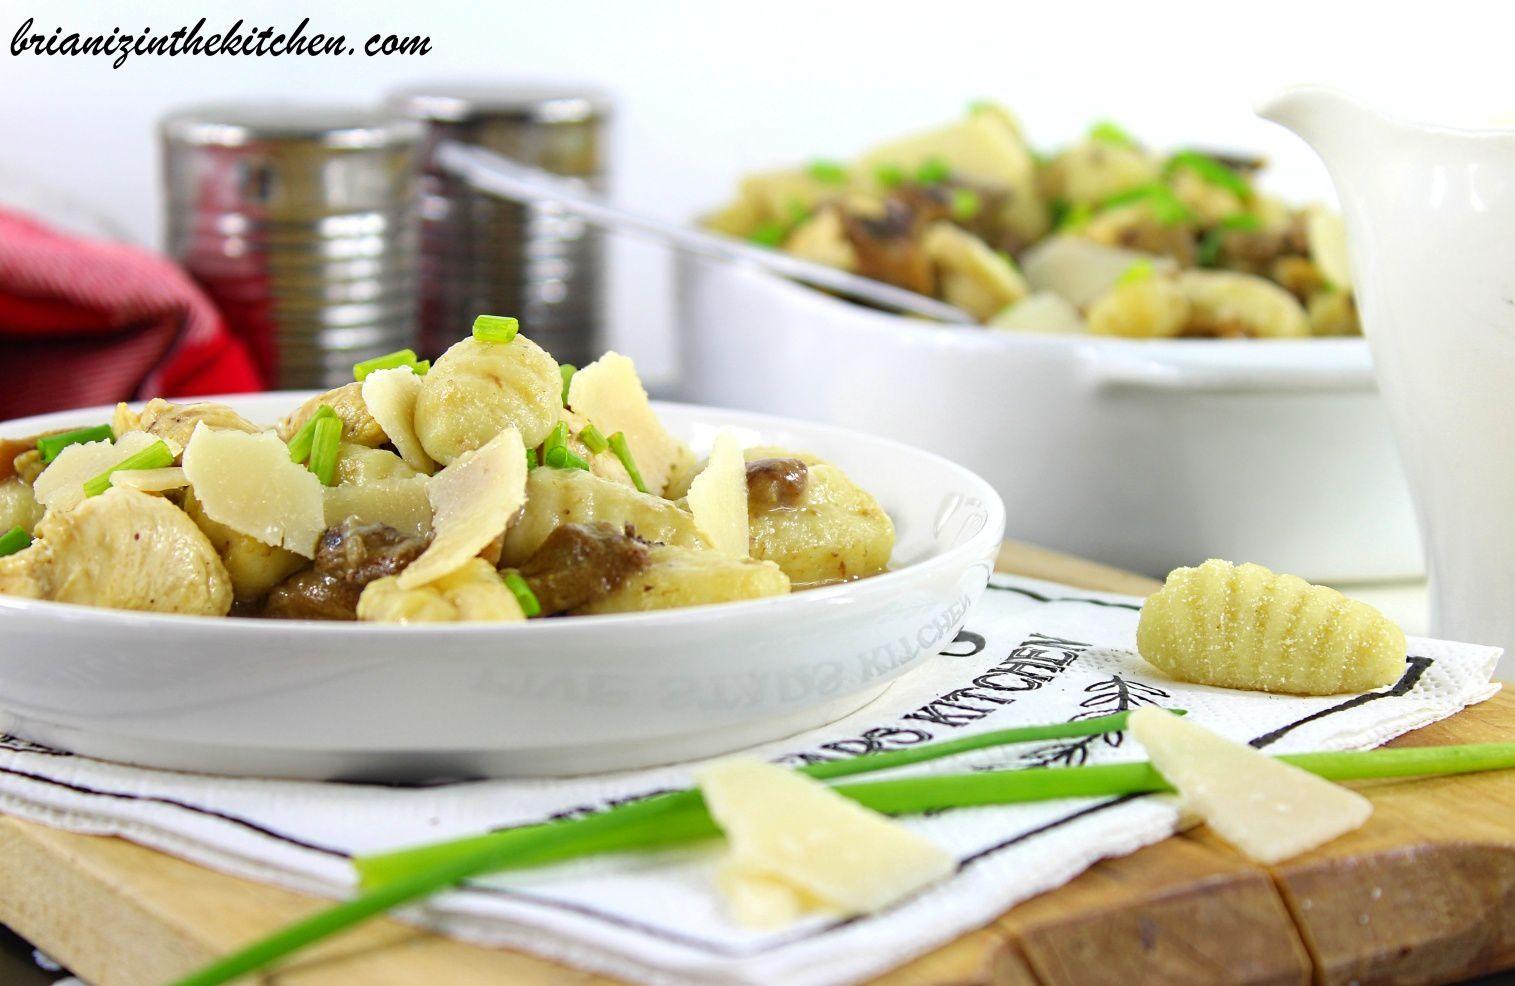 Gnocchi Poulet & Champignons